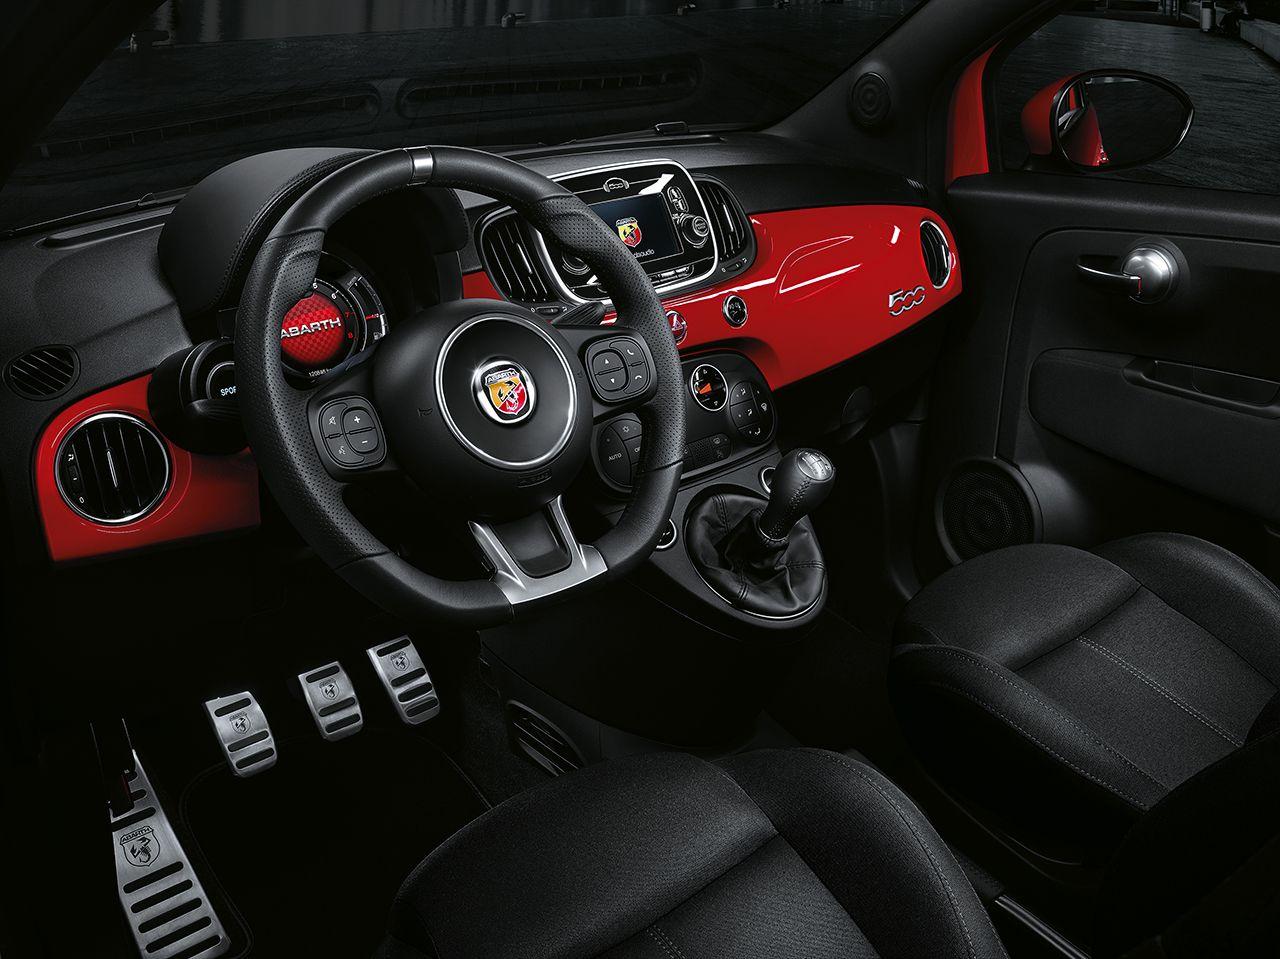 160607 Abarth 595 18 Η τιμή του Abarth 595 πέφτει. Κι άλλο. Abarth, Abarth 595 Competizione, Abarth 695 XSR Yamaha Limited Edition, καινούρια, μεταχειρισμένα, τιμες